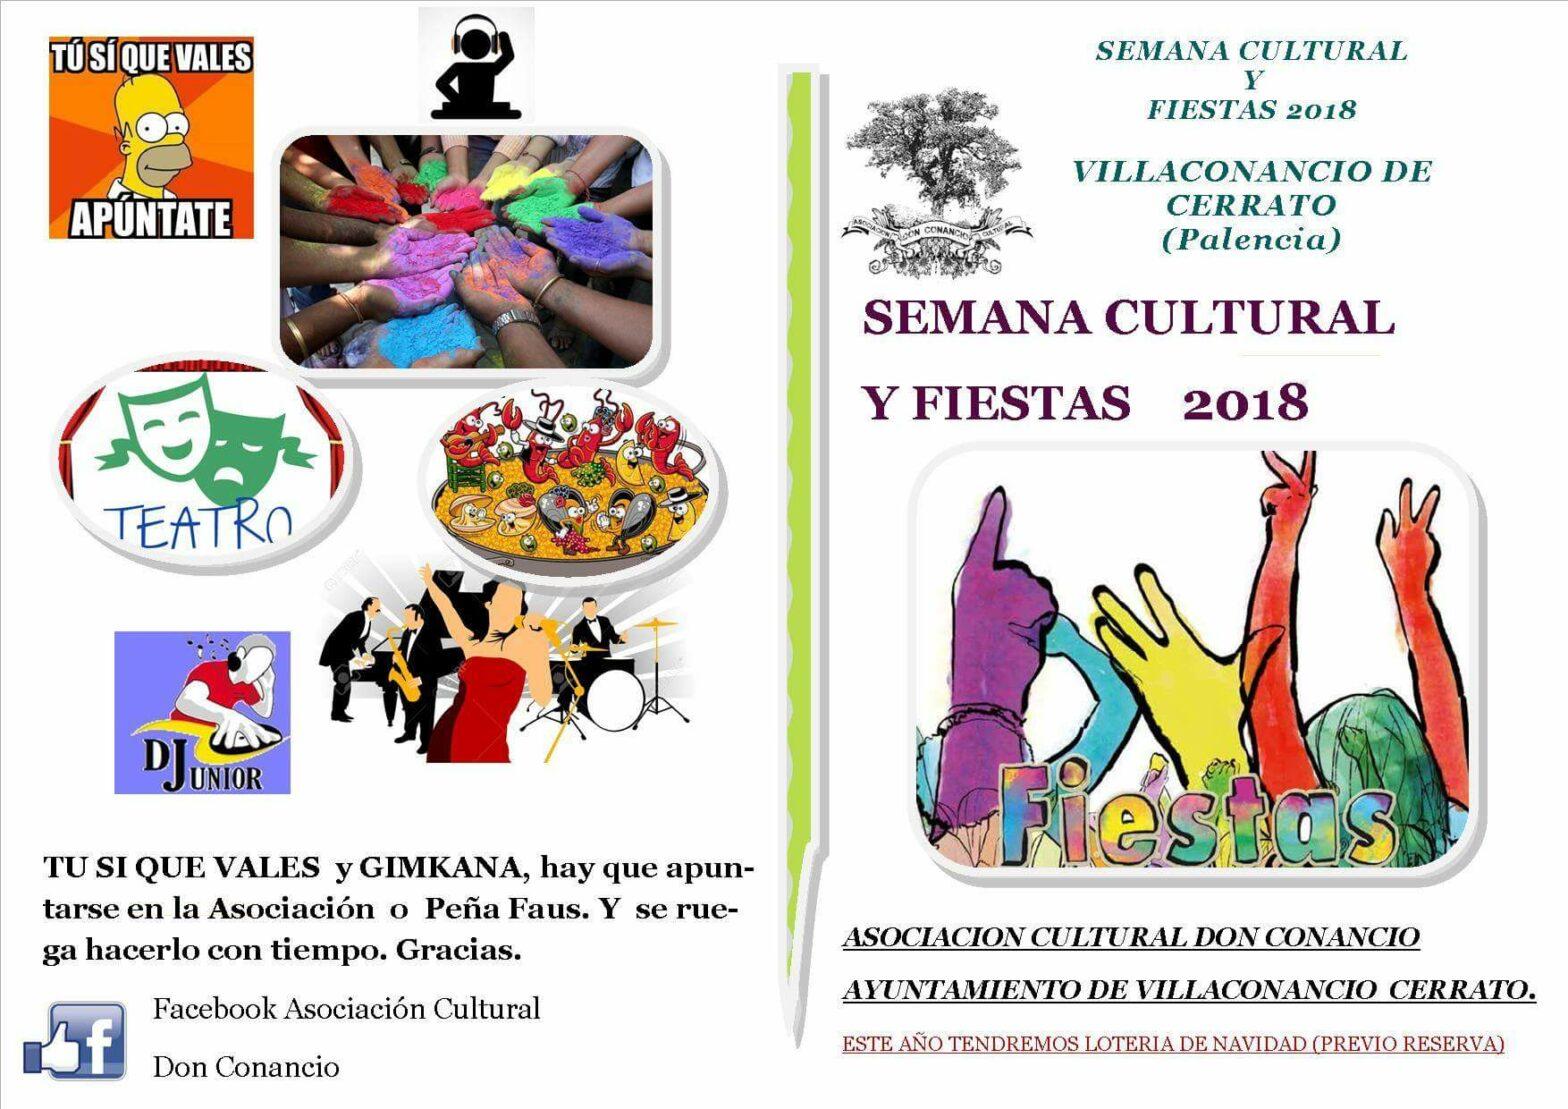 Programa Semana Cultural y Fiestas 2018